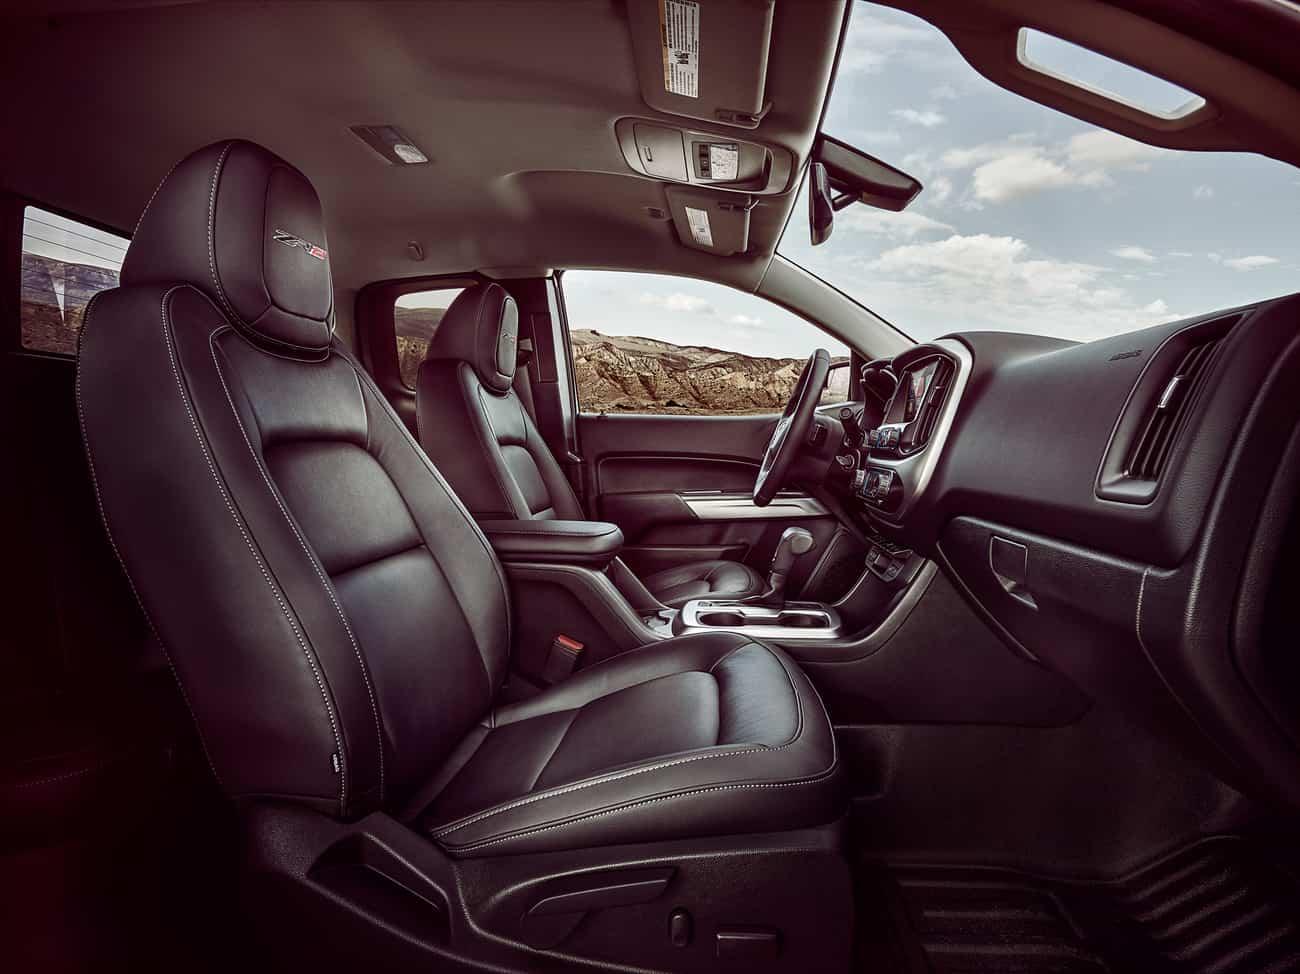 2017 Chevrolet Colorado ZR2 – interior